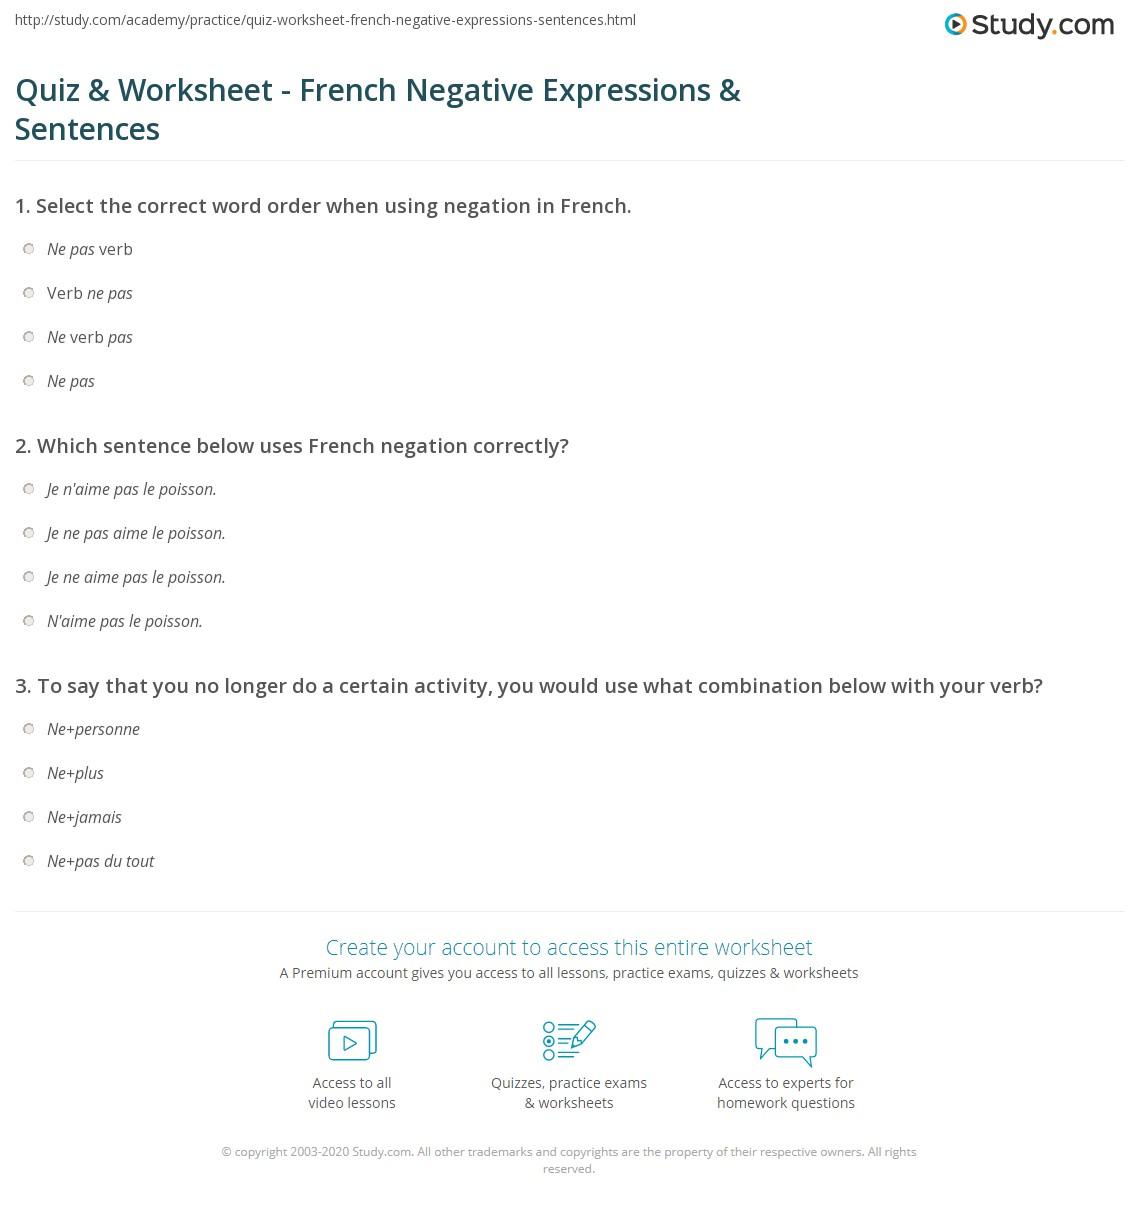 quiz worksheet french negative expressions sentences. Black Bedroom Furniture Sets. Home Design Ideas